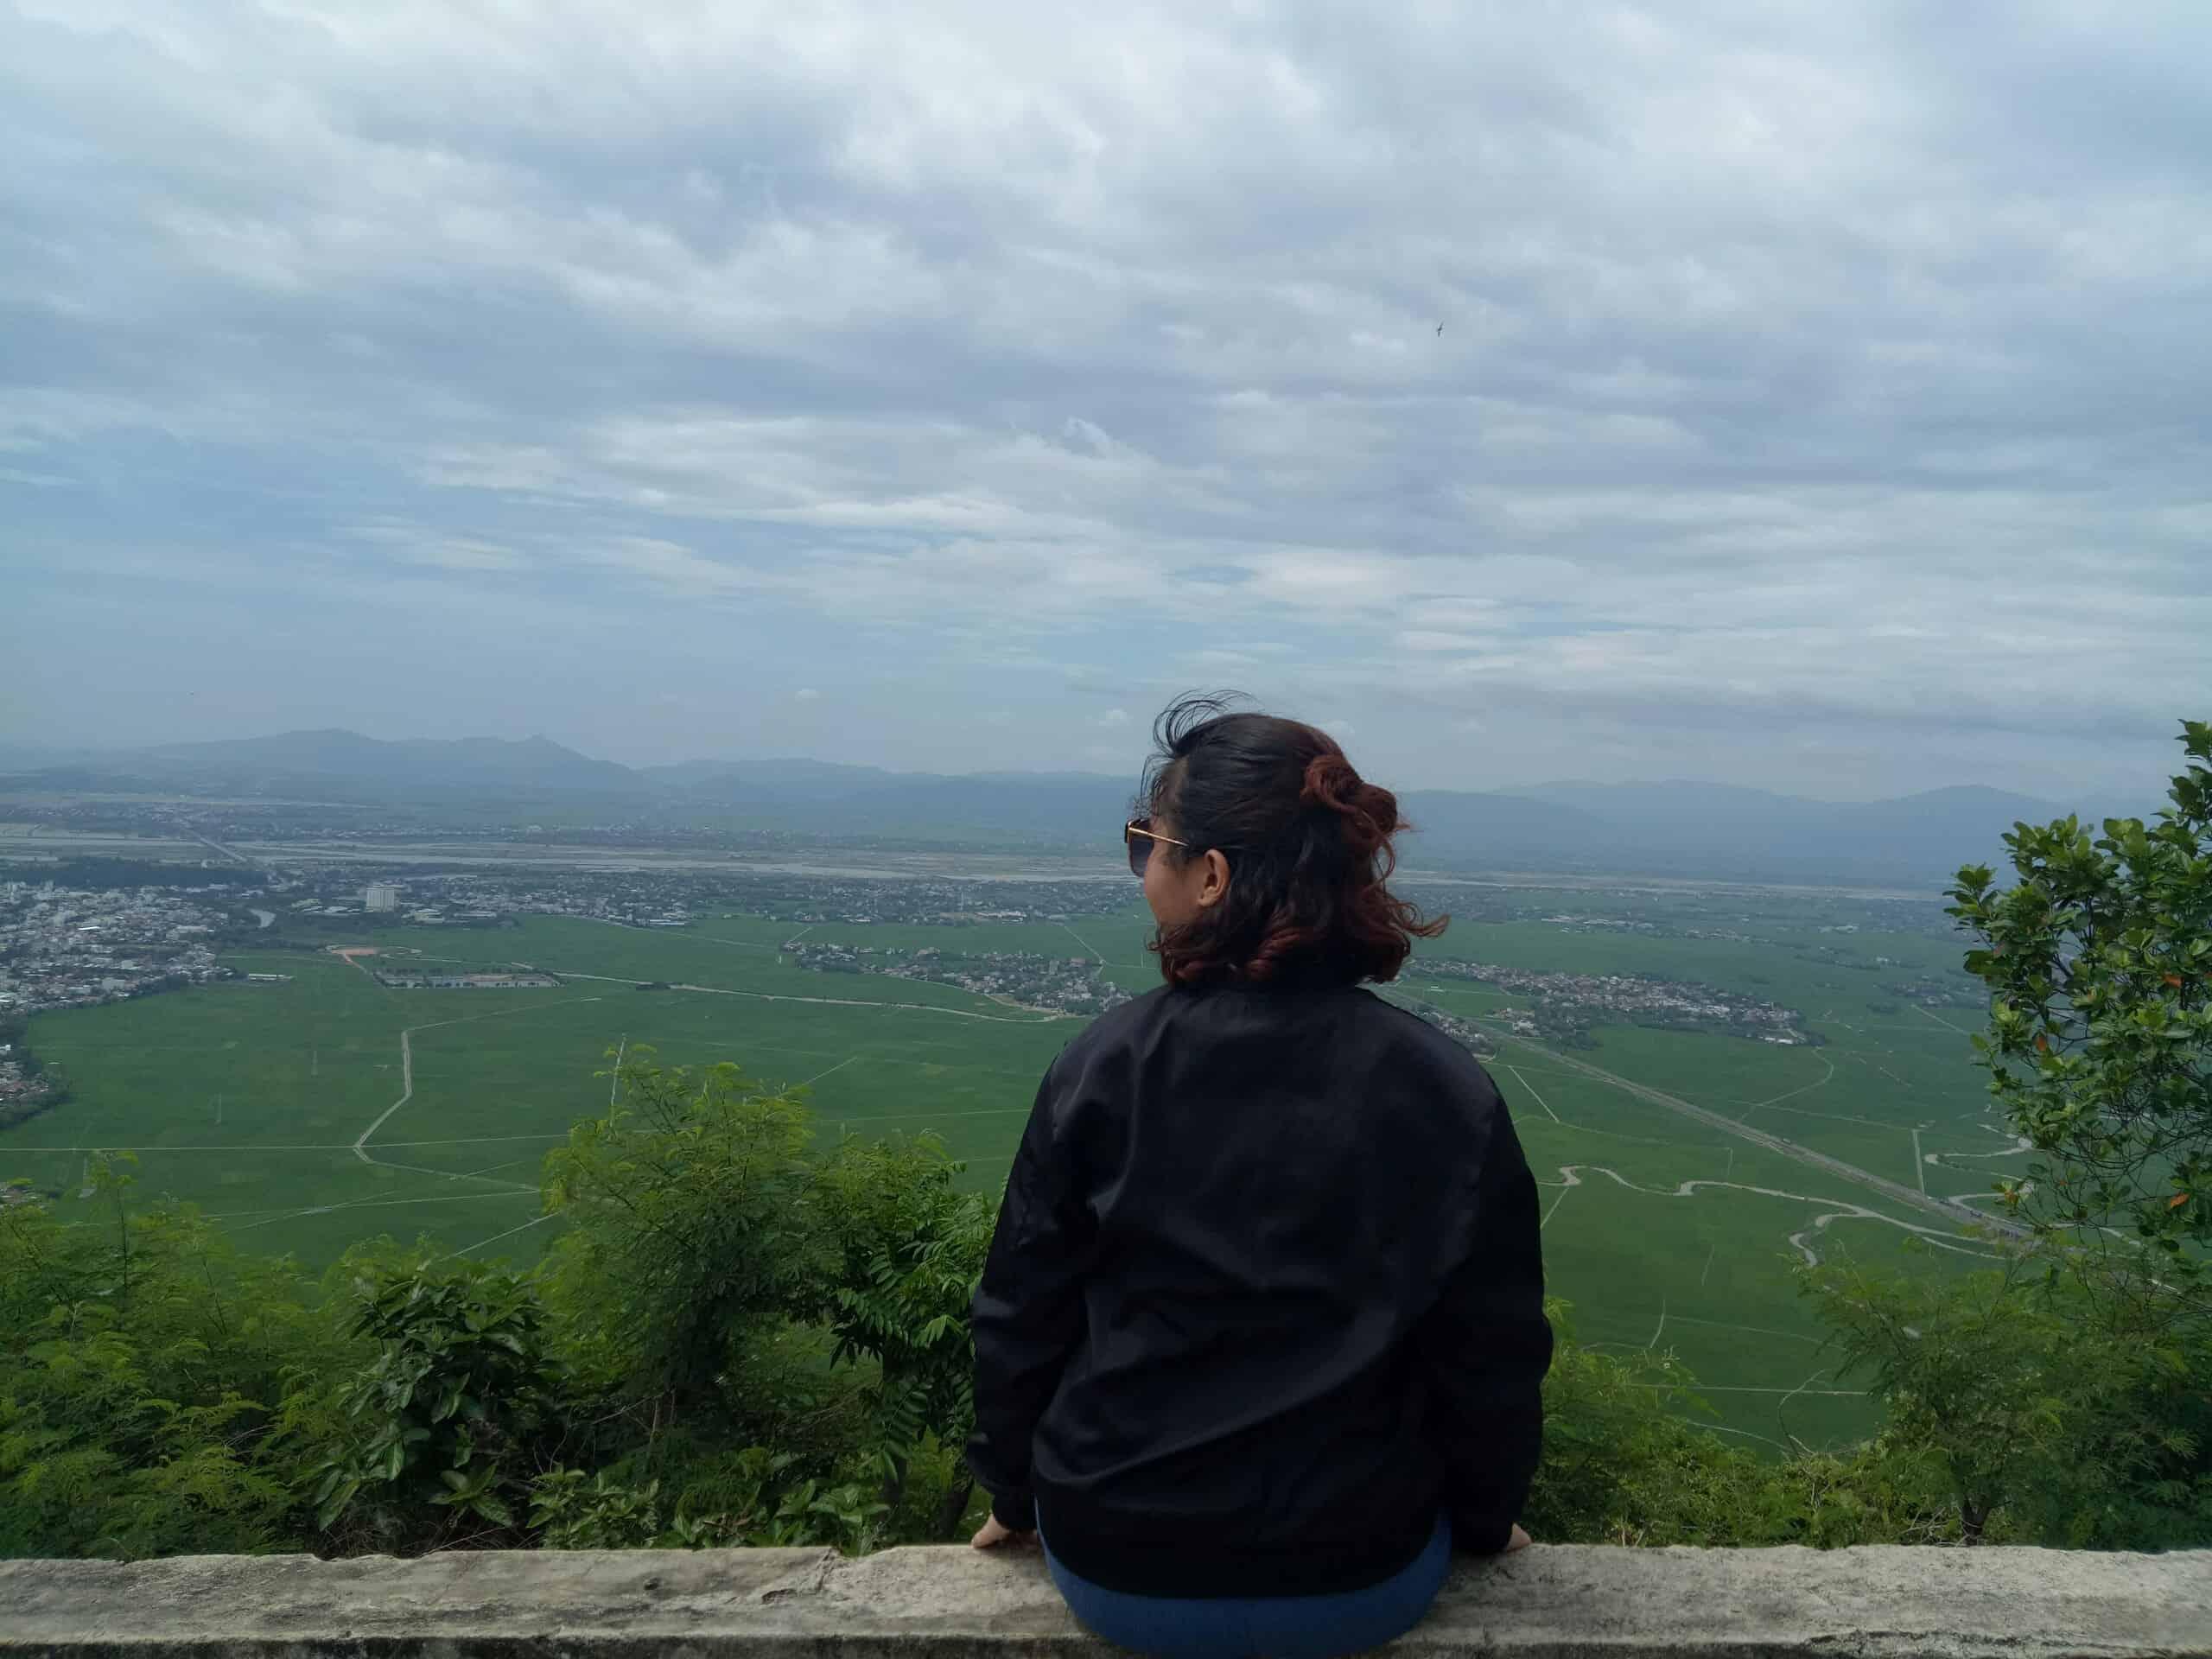 Ngắm Phú Yên từ núi Chóp Nhài